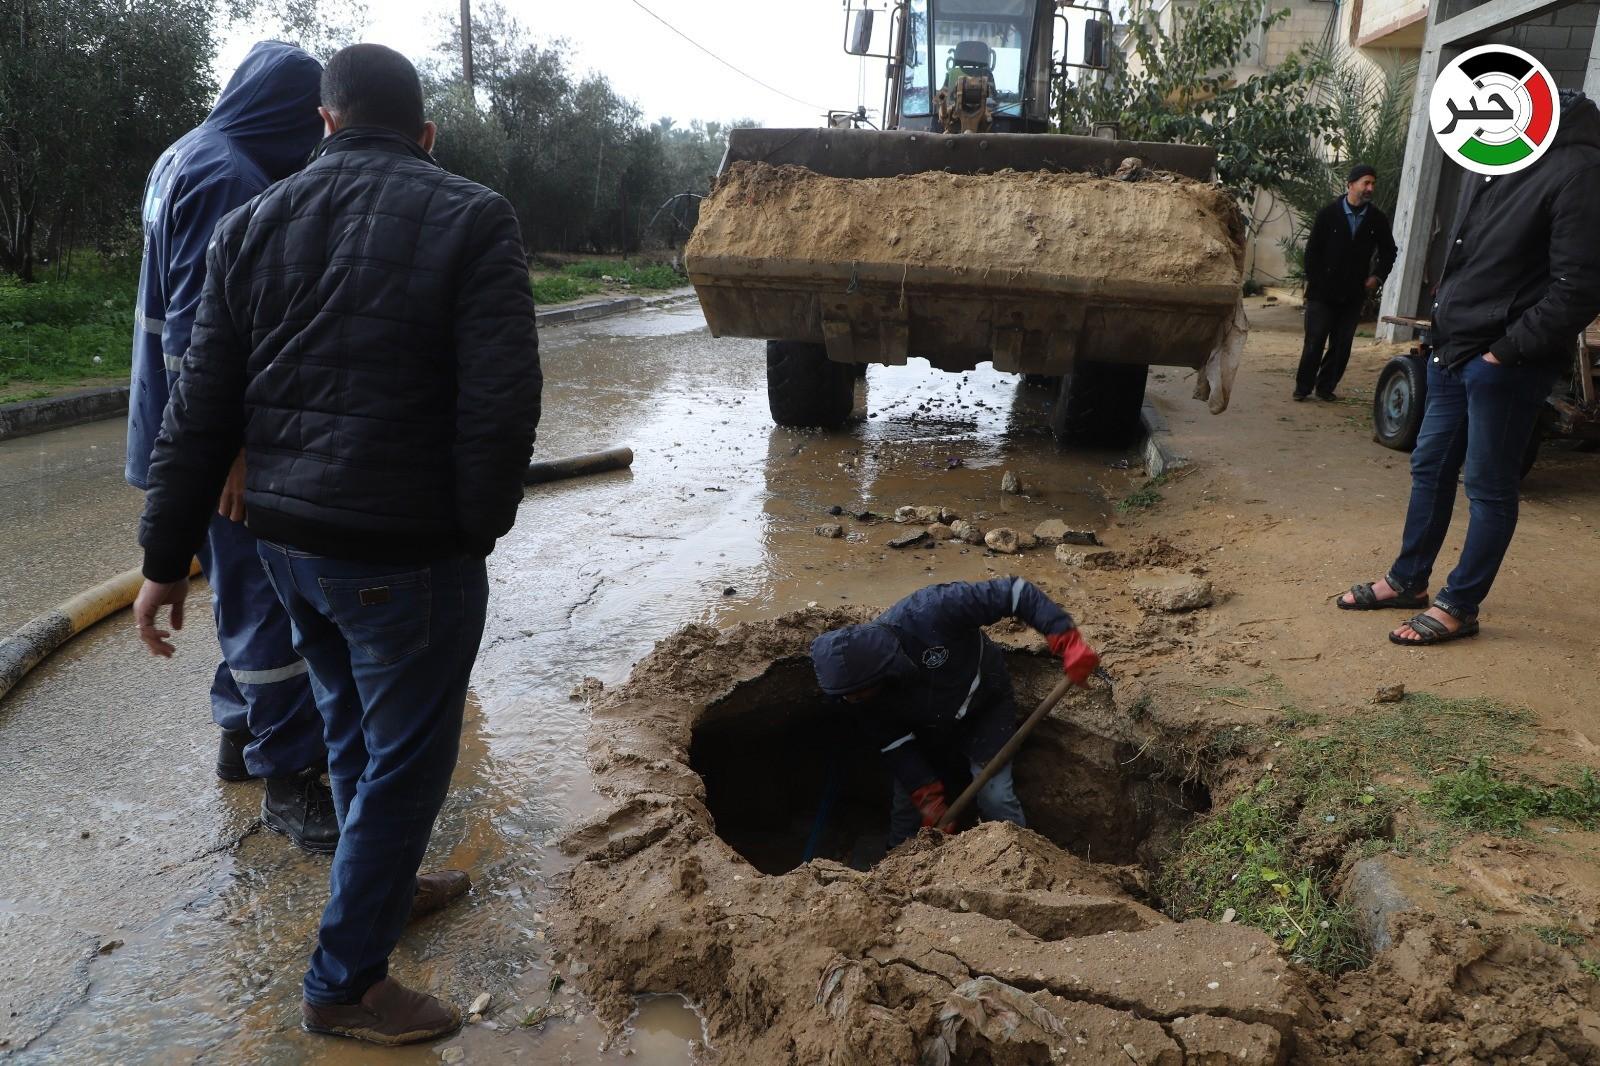 شاهد: وسم #الشرقية_تنهار.. يُنذر بشتاءٍ قاسٍ على سكان أكثر المناطق المهمشة في خانيونس